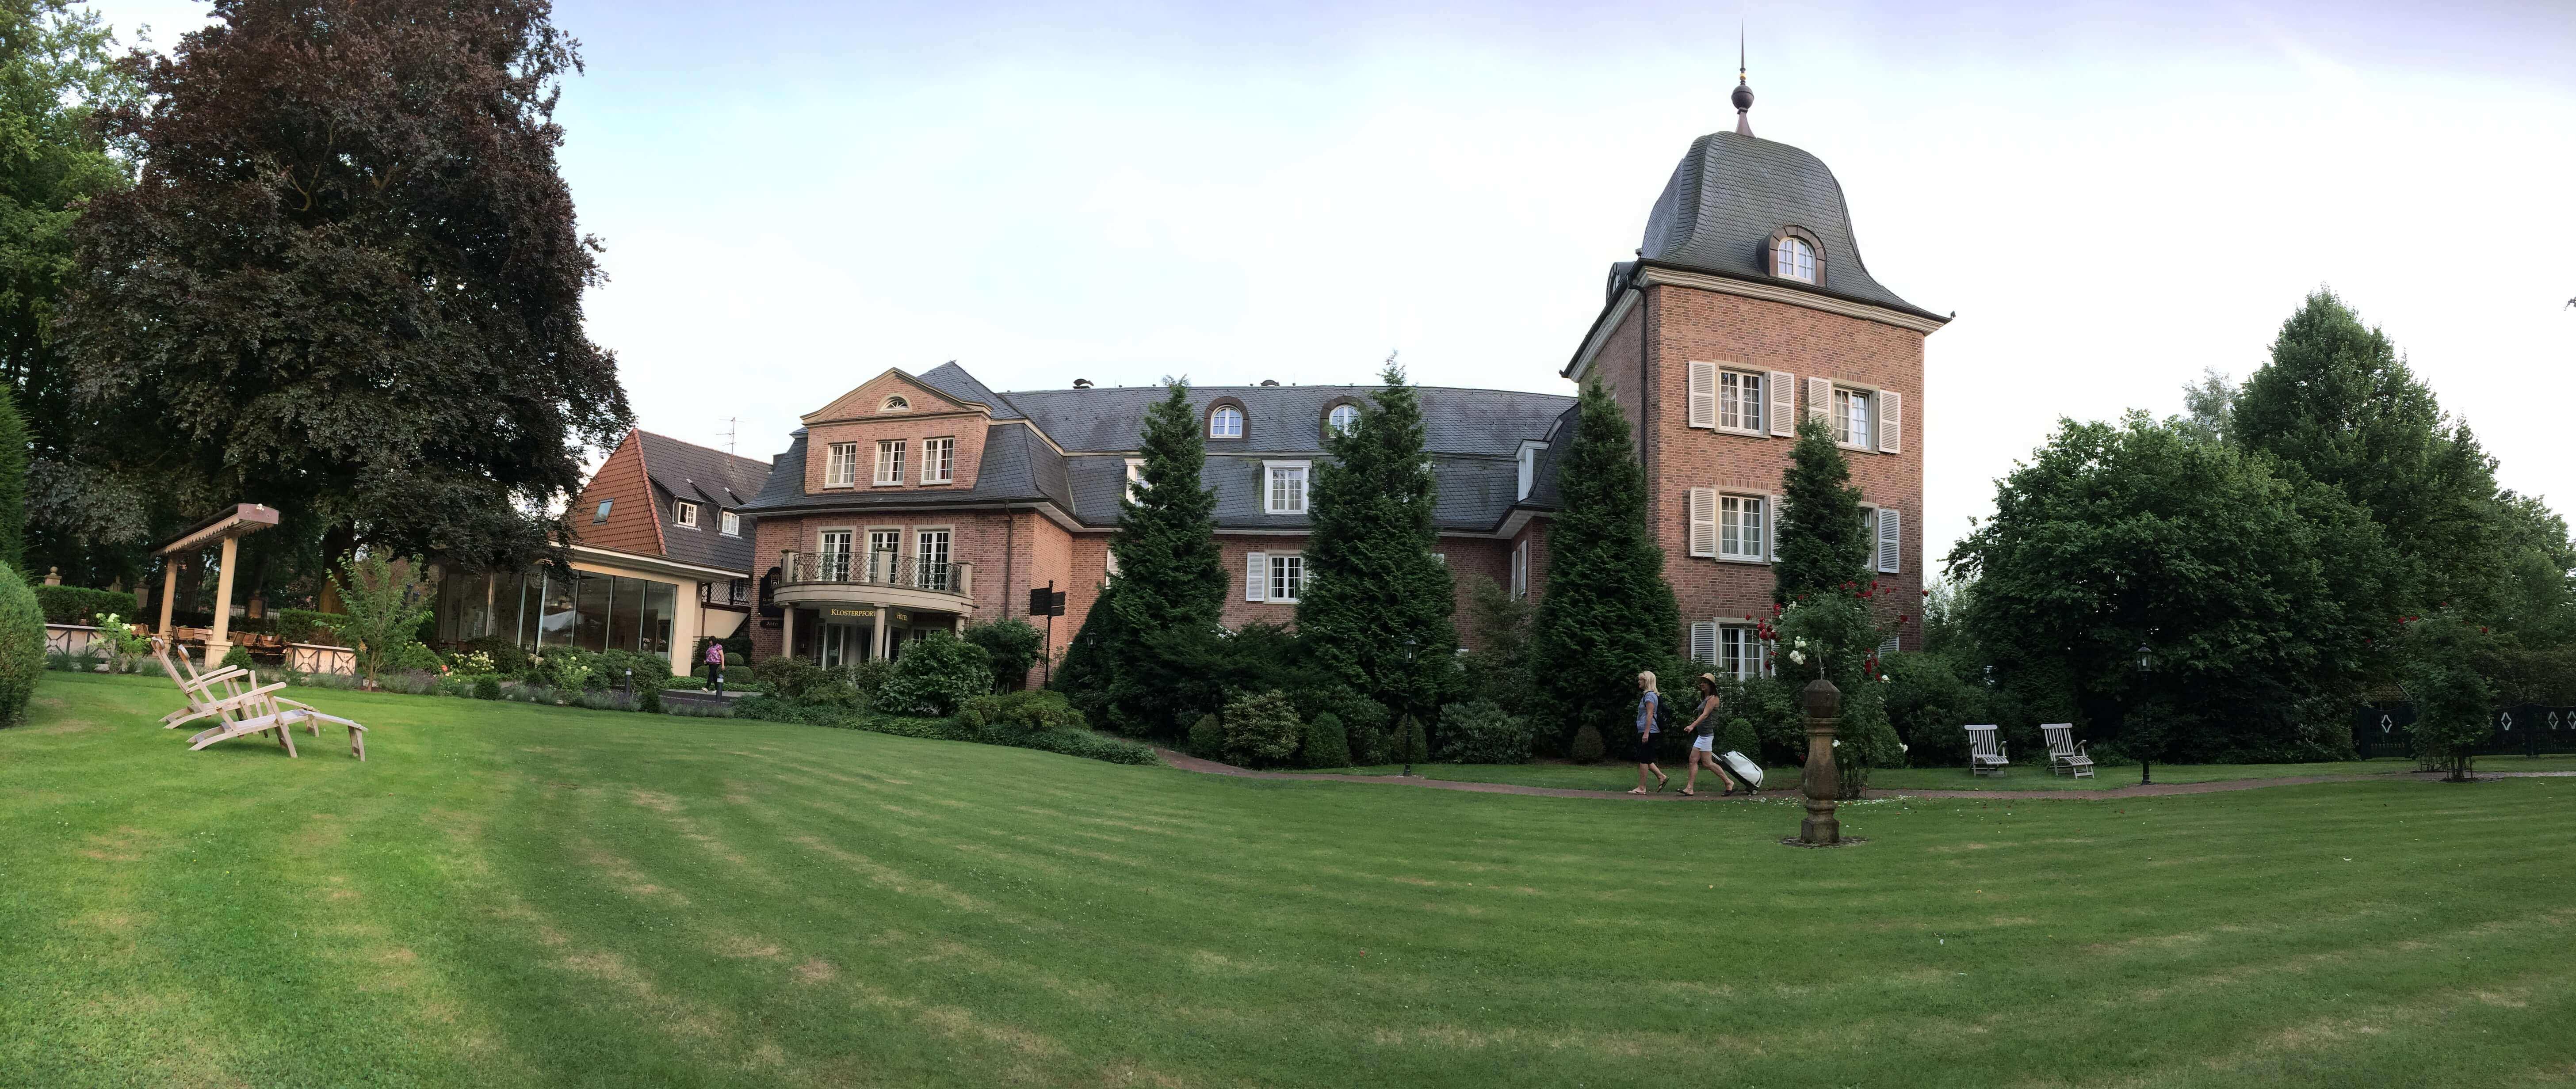 Klosterpforte, Nemačka